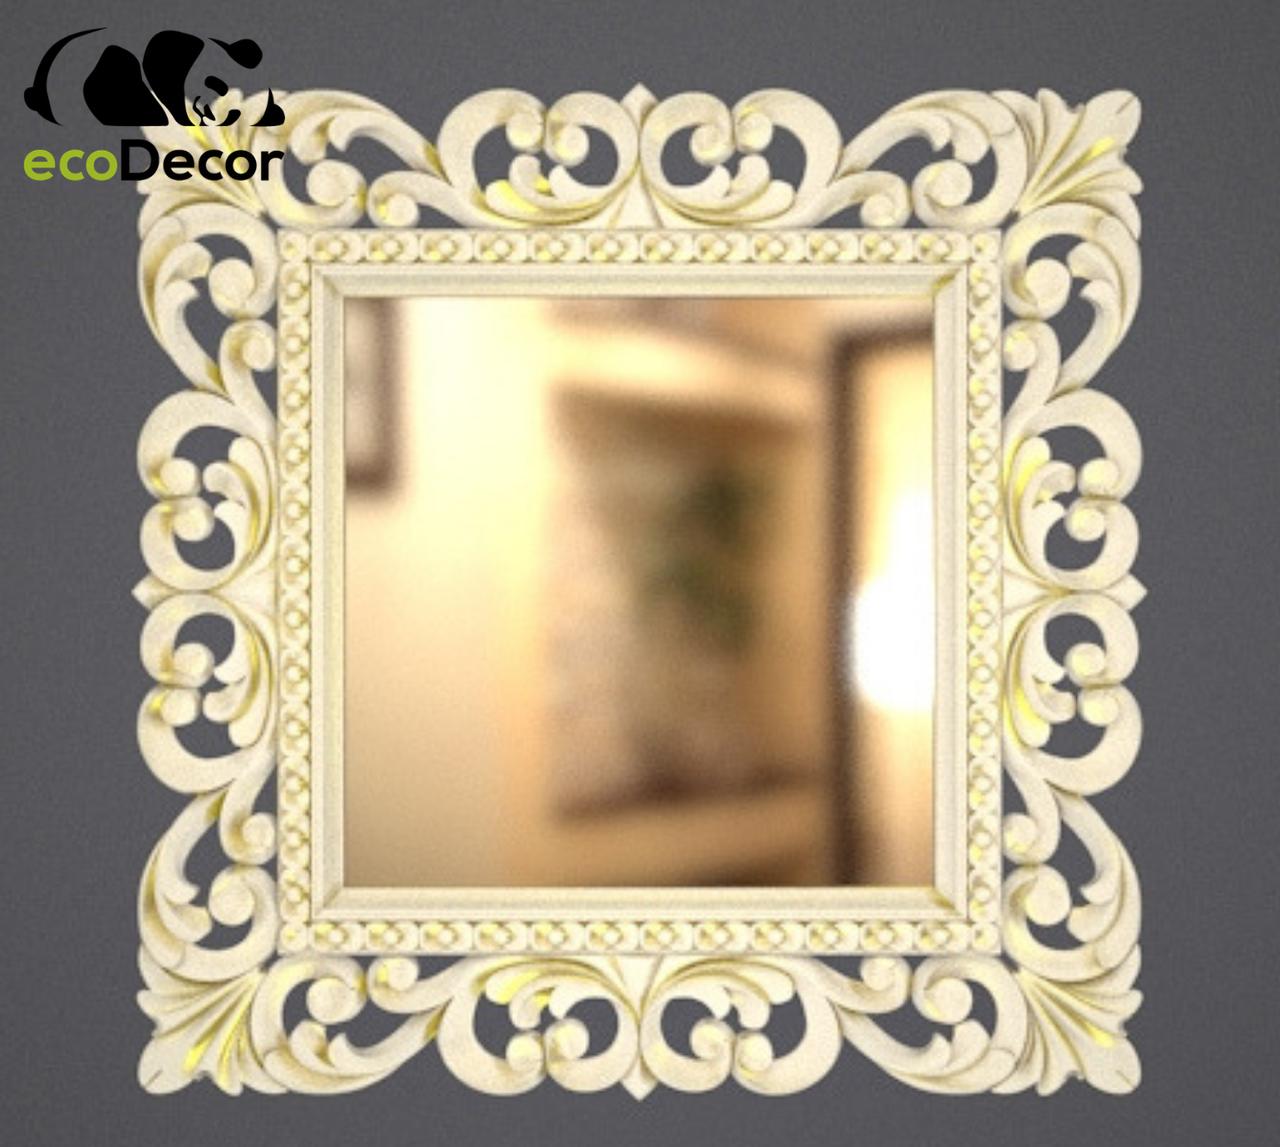 Зеркало настенное Ababa в белой с золотом раме